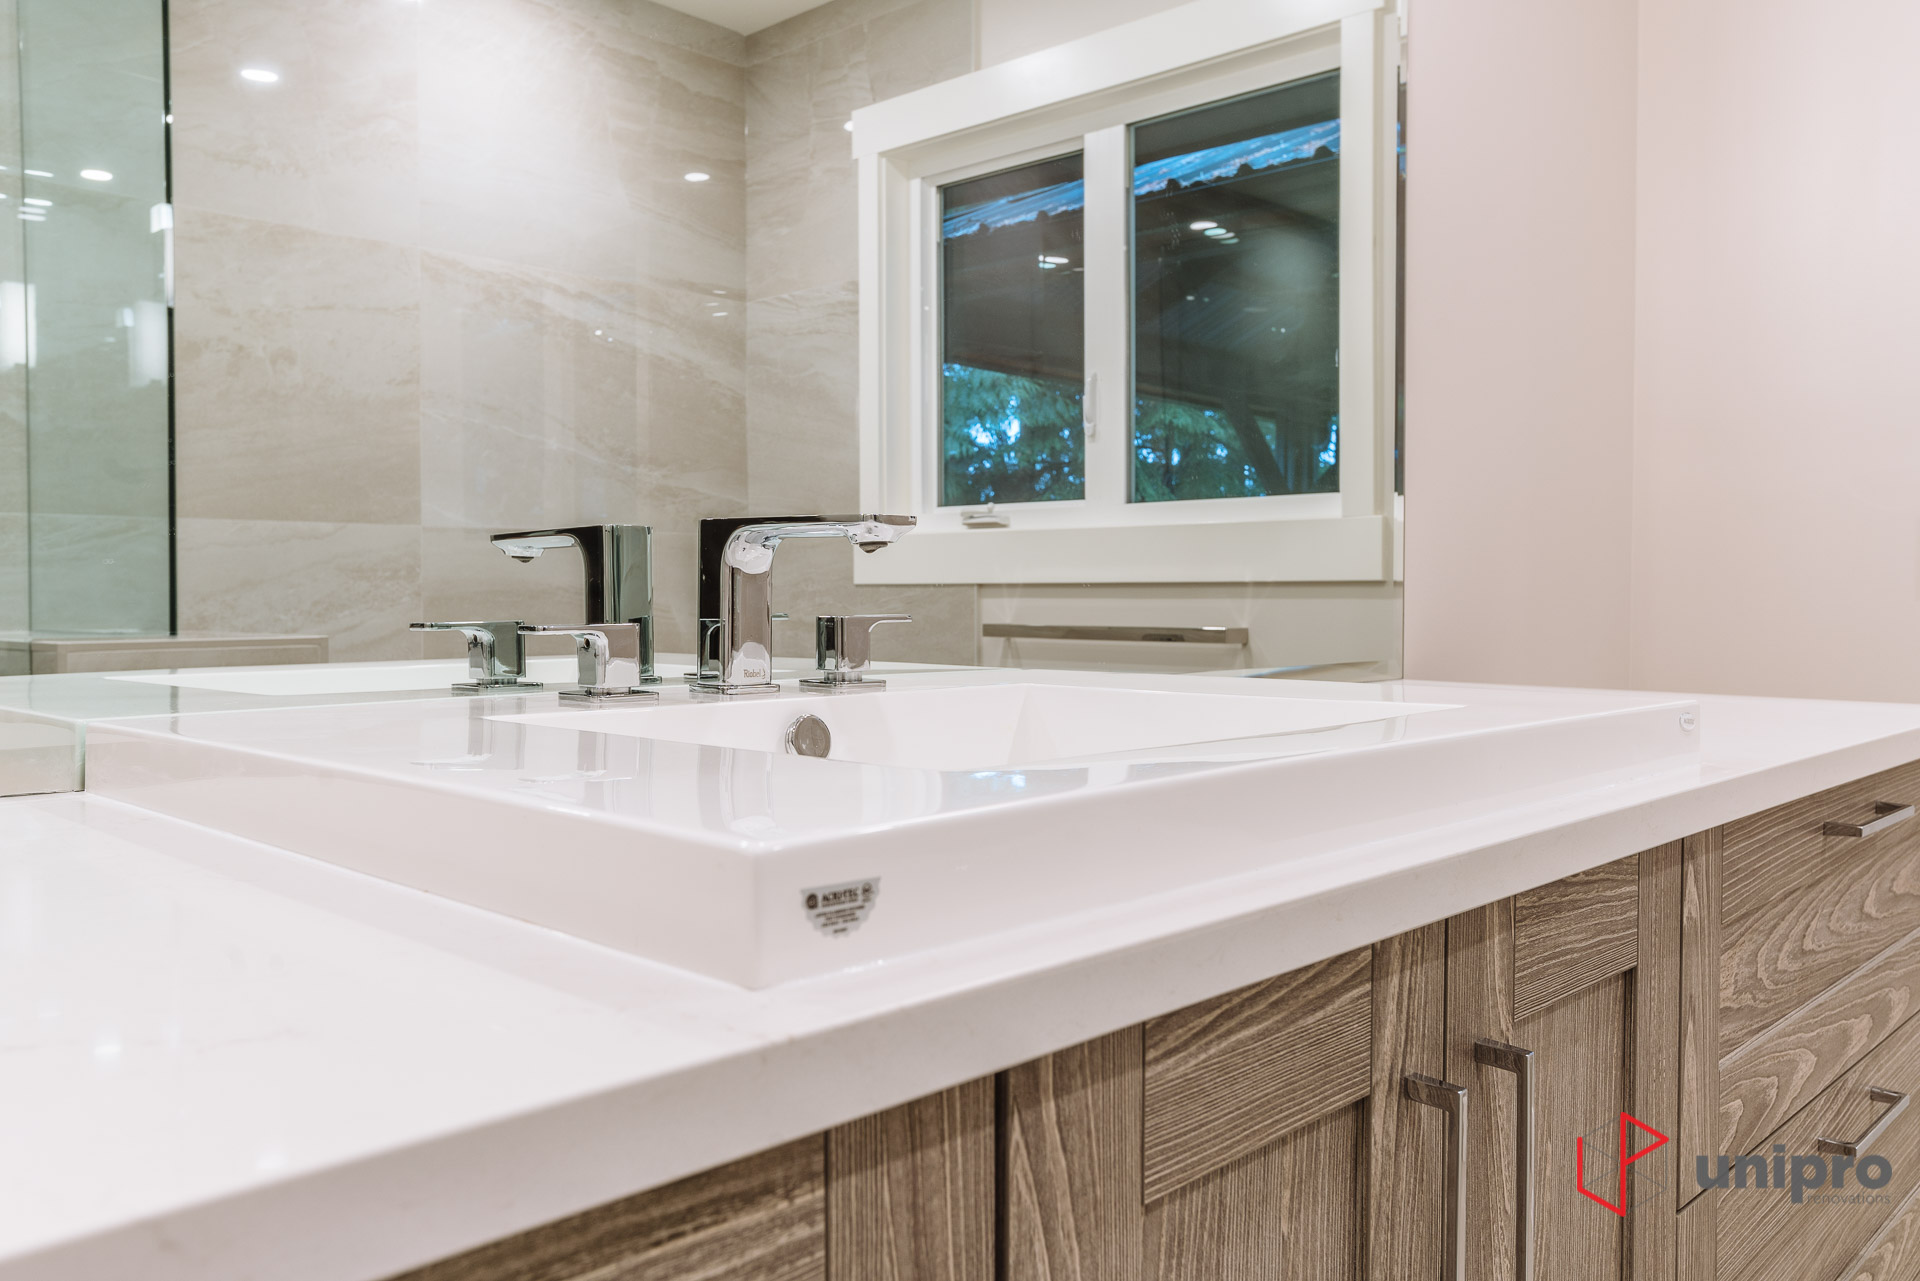 north-vancouver-bathroom-renovation-5